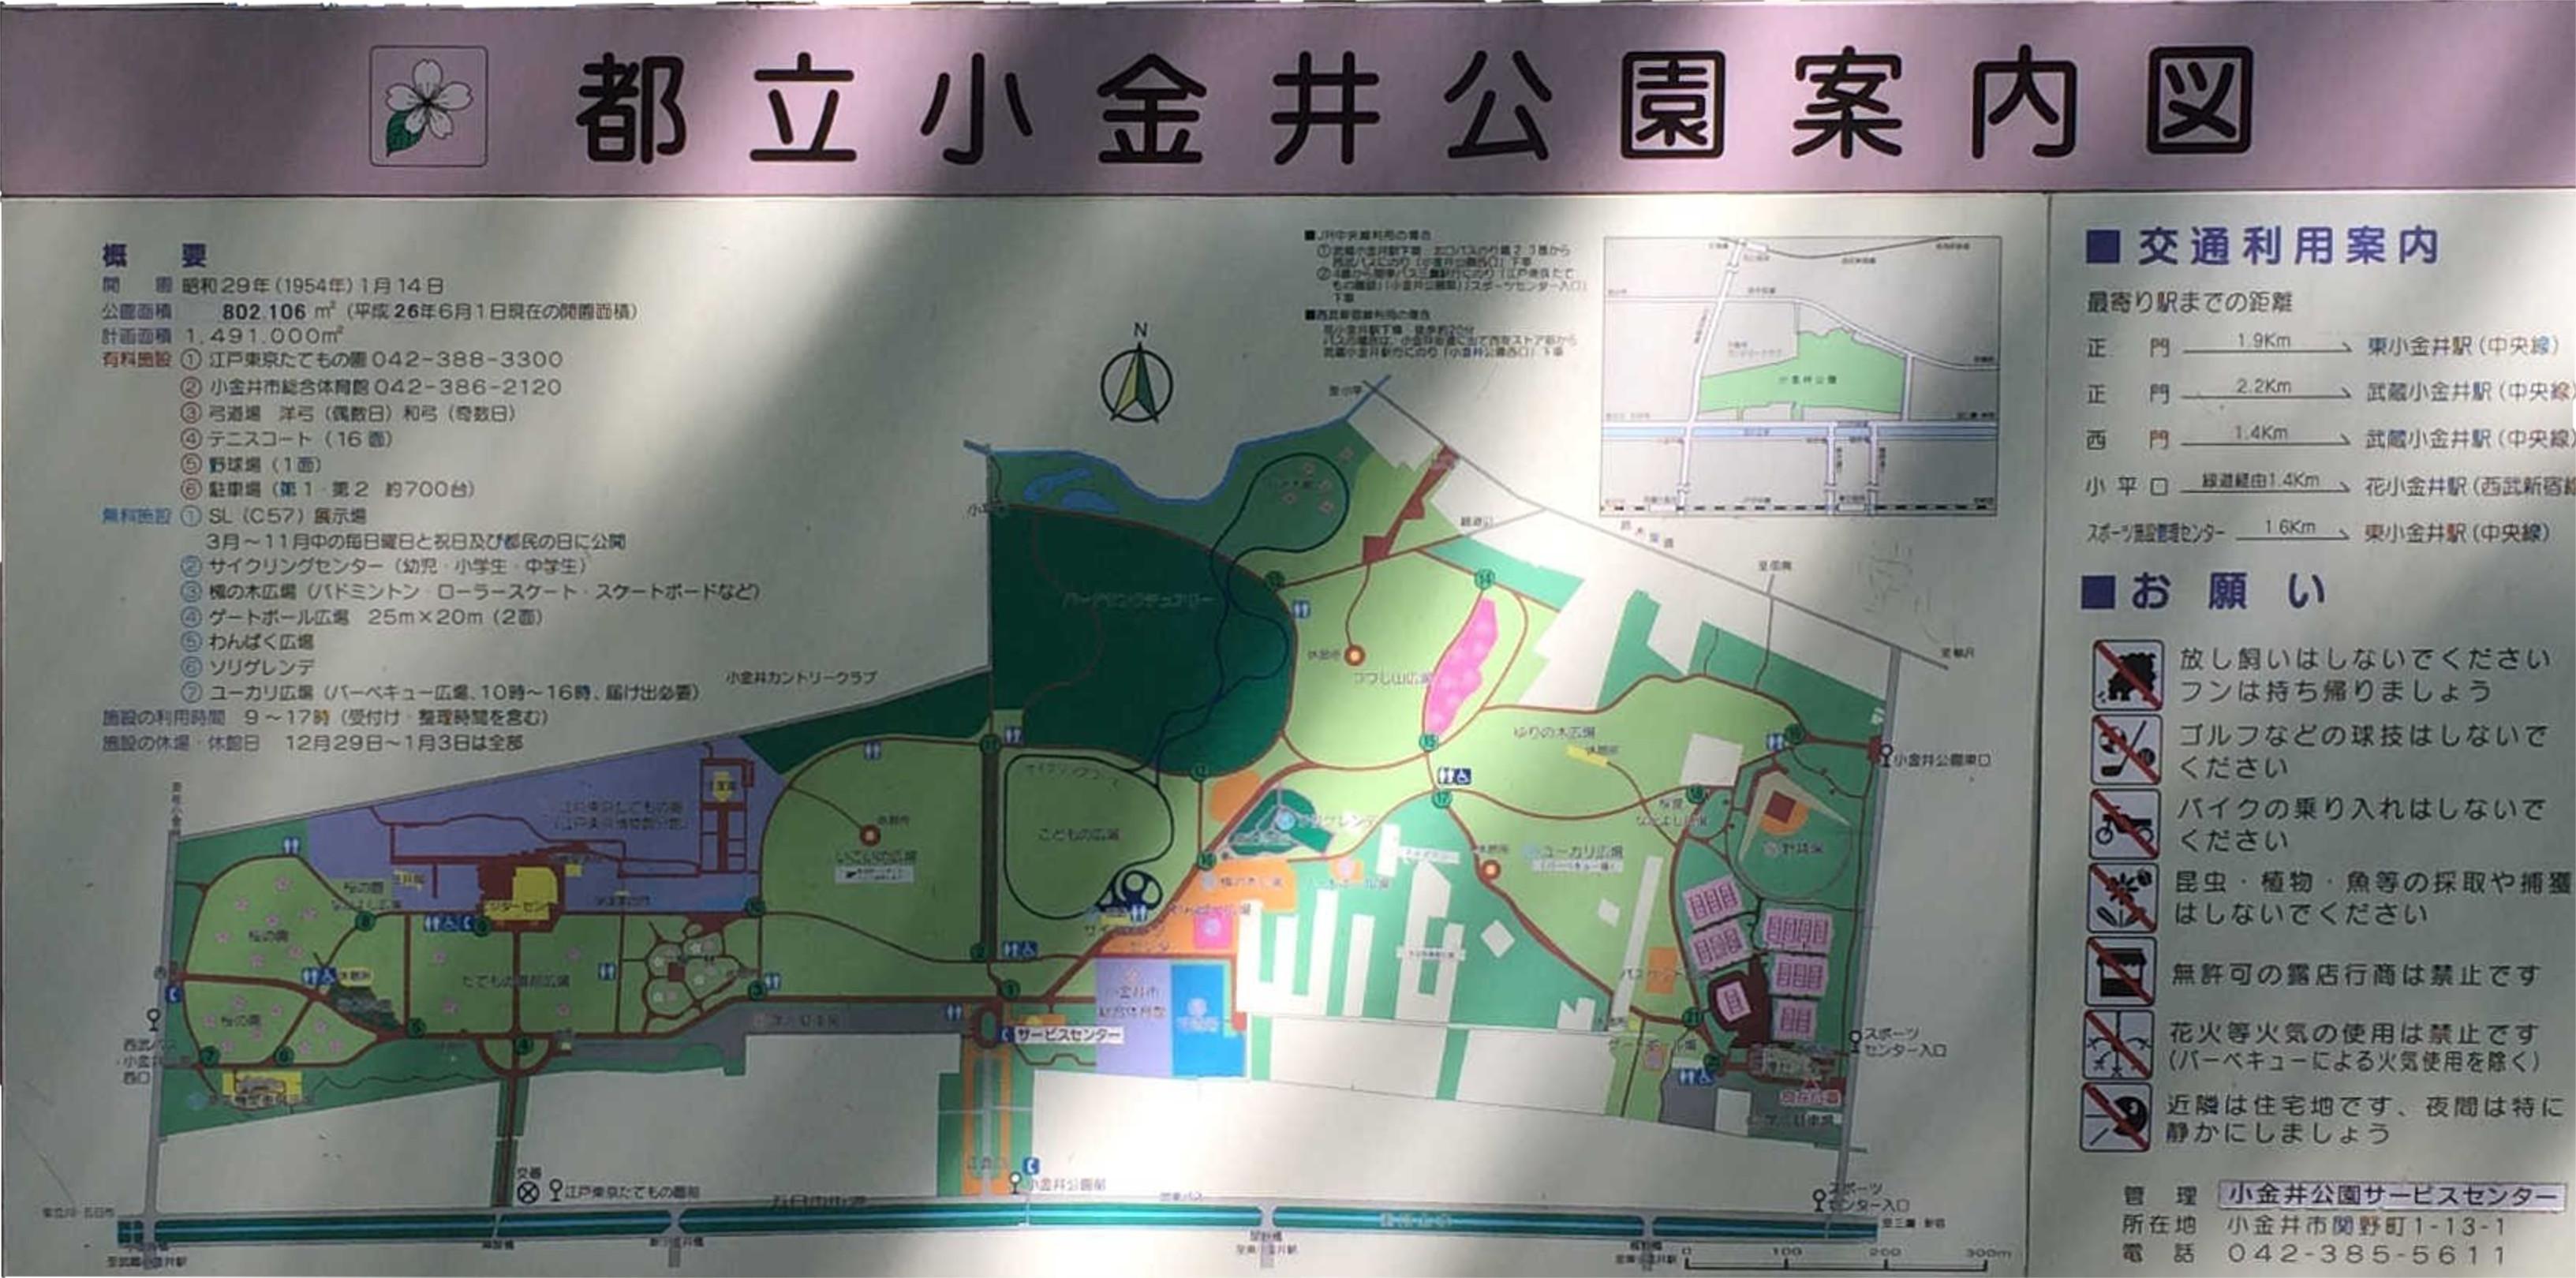 都立小金井公園案内図